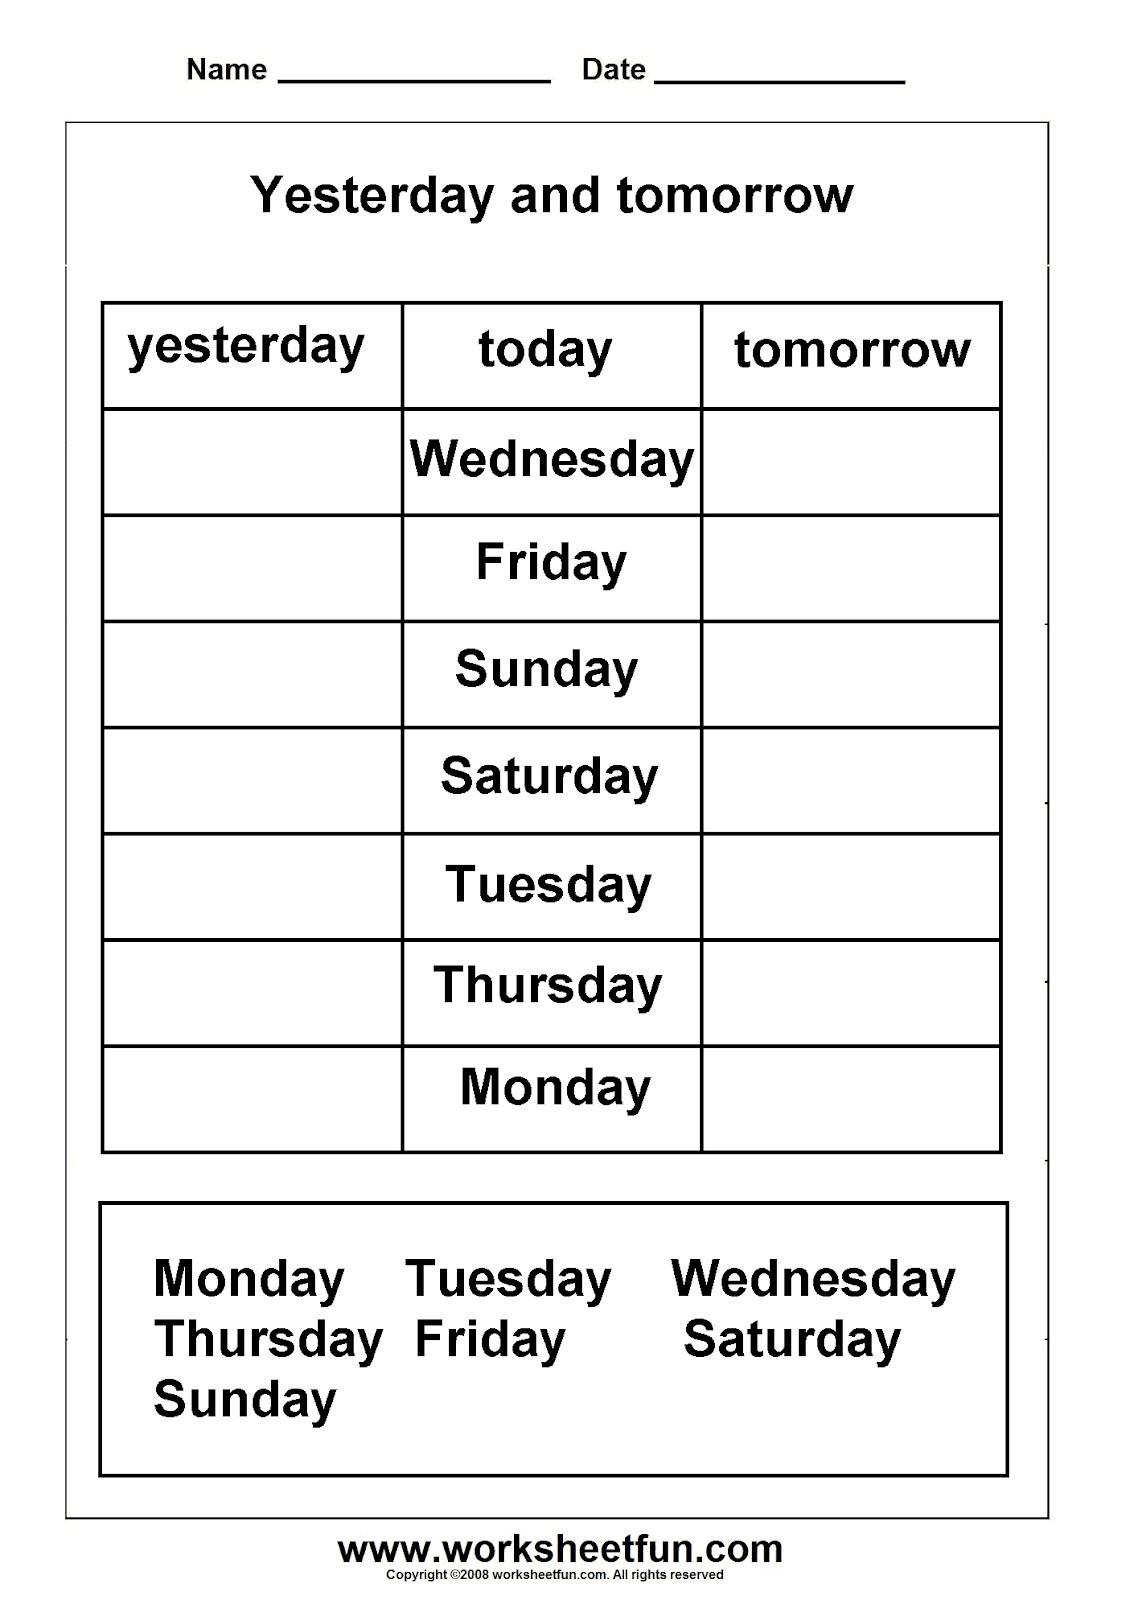 Worksheet  Spelling Worksheets For Grade 1  Grass Fedjp Worksheet